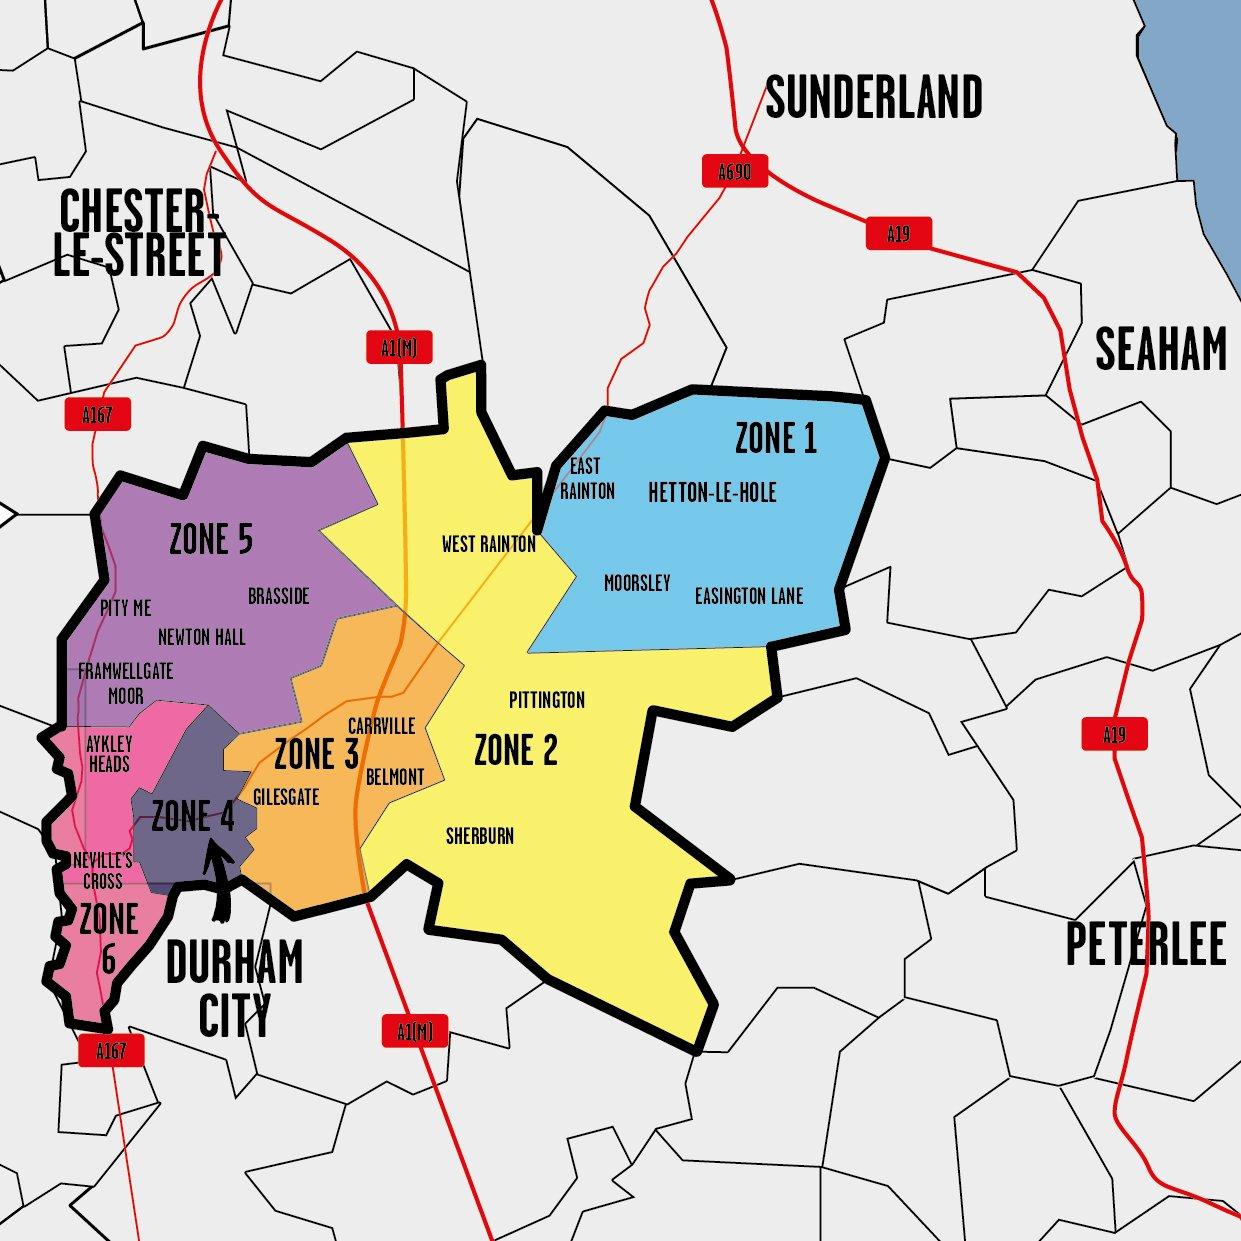 NE-DURHAM-REGIONS-ZONE-MAP-A4-2021-UPDATE